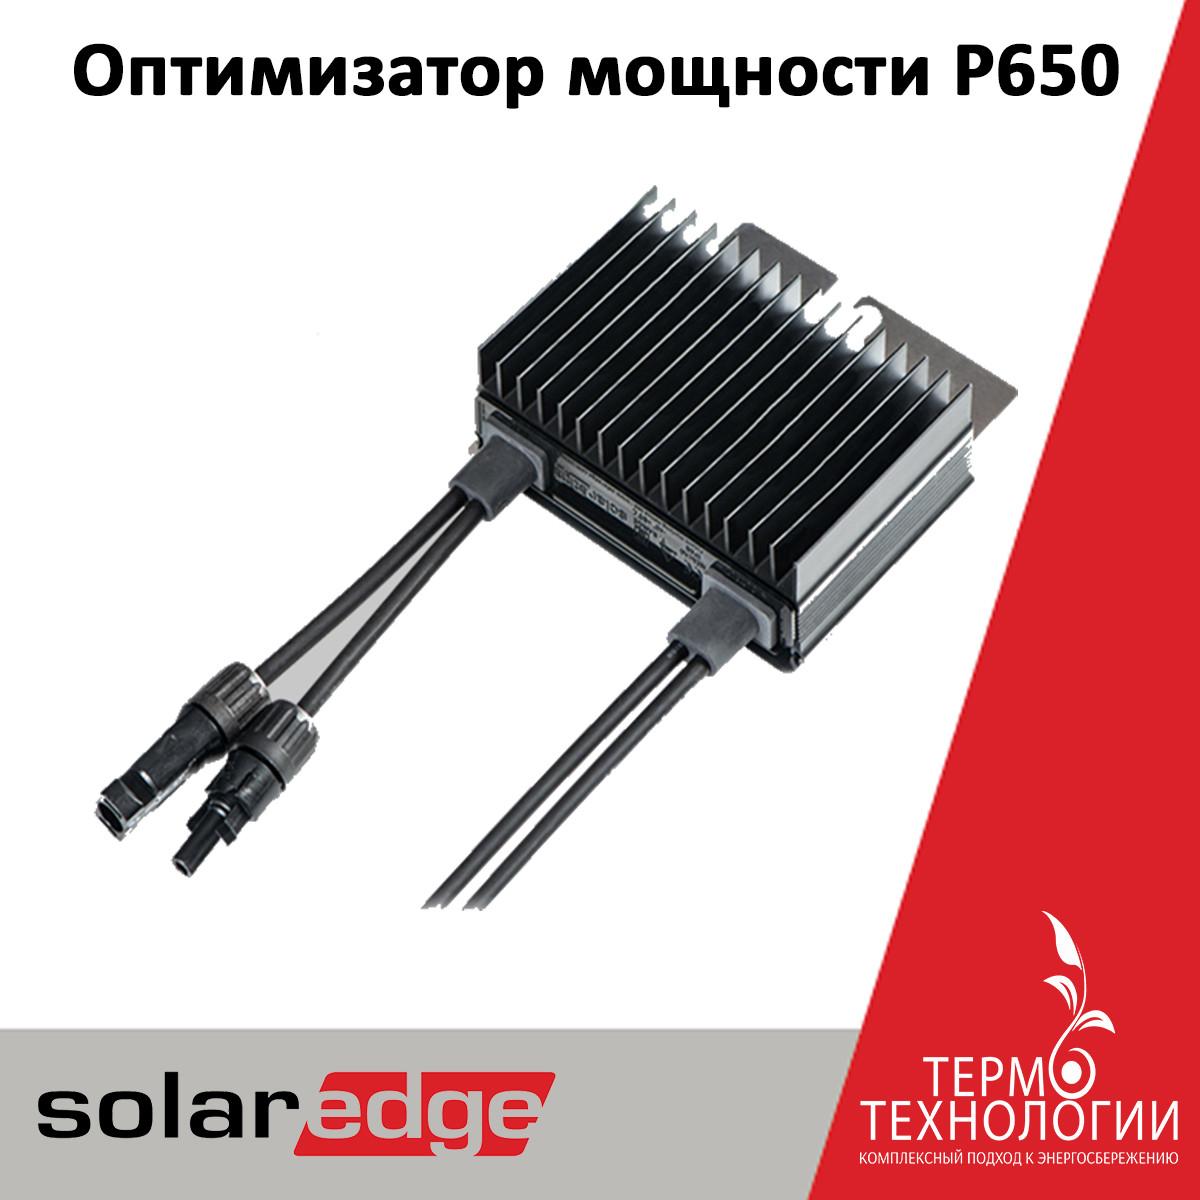 Оптимизатор мощности SolarAdge P650, для 2 ФЭМ по 60 элементов